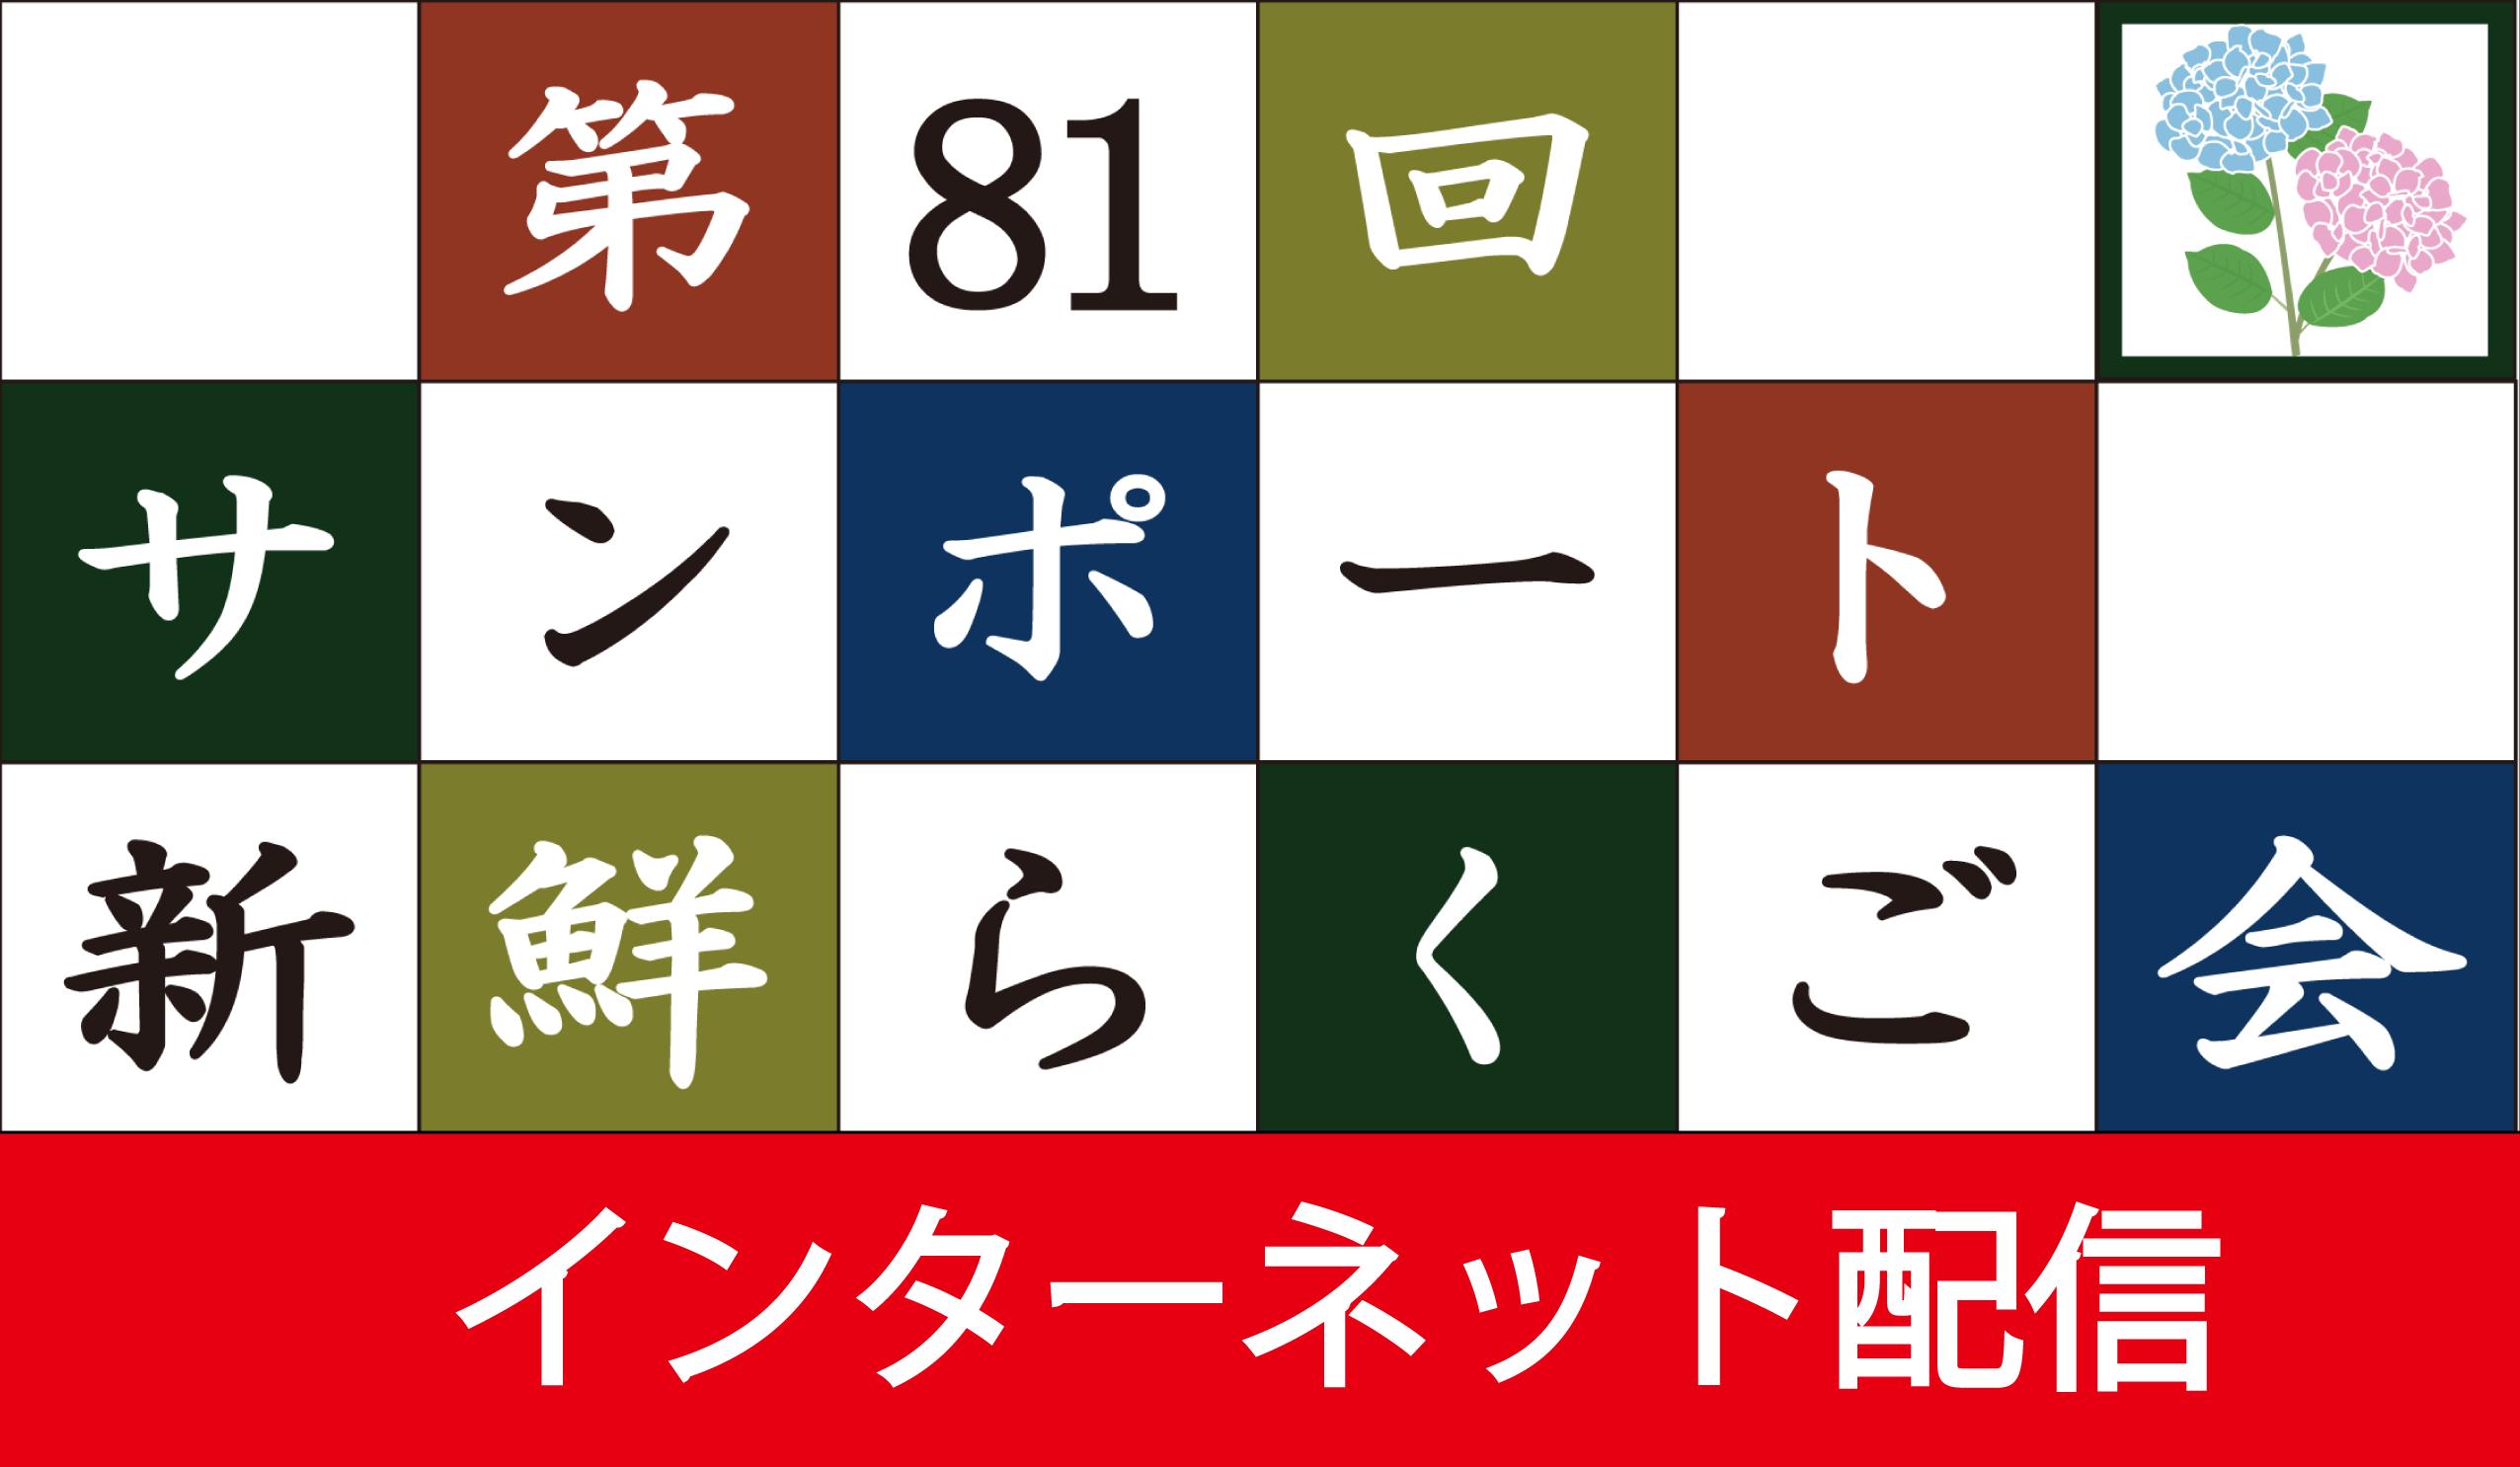 第81回サンポート新鮮らくご会(インターネット配信)